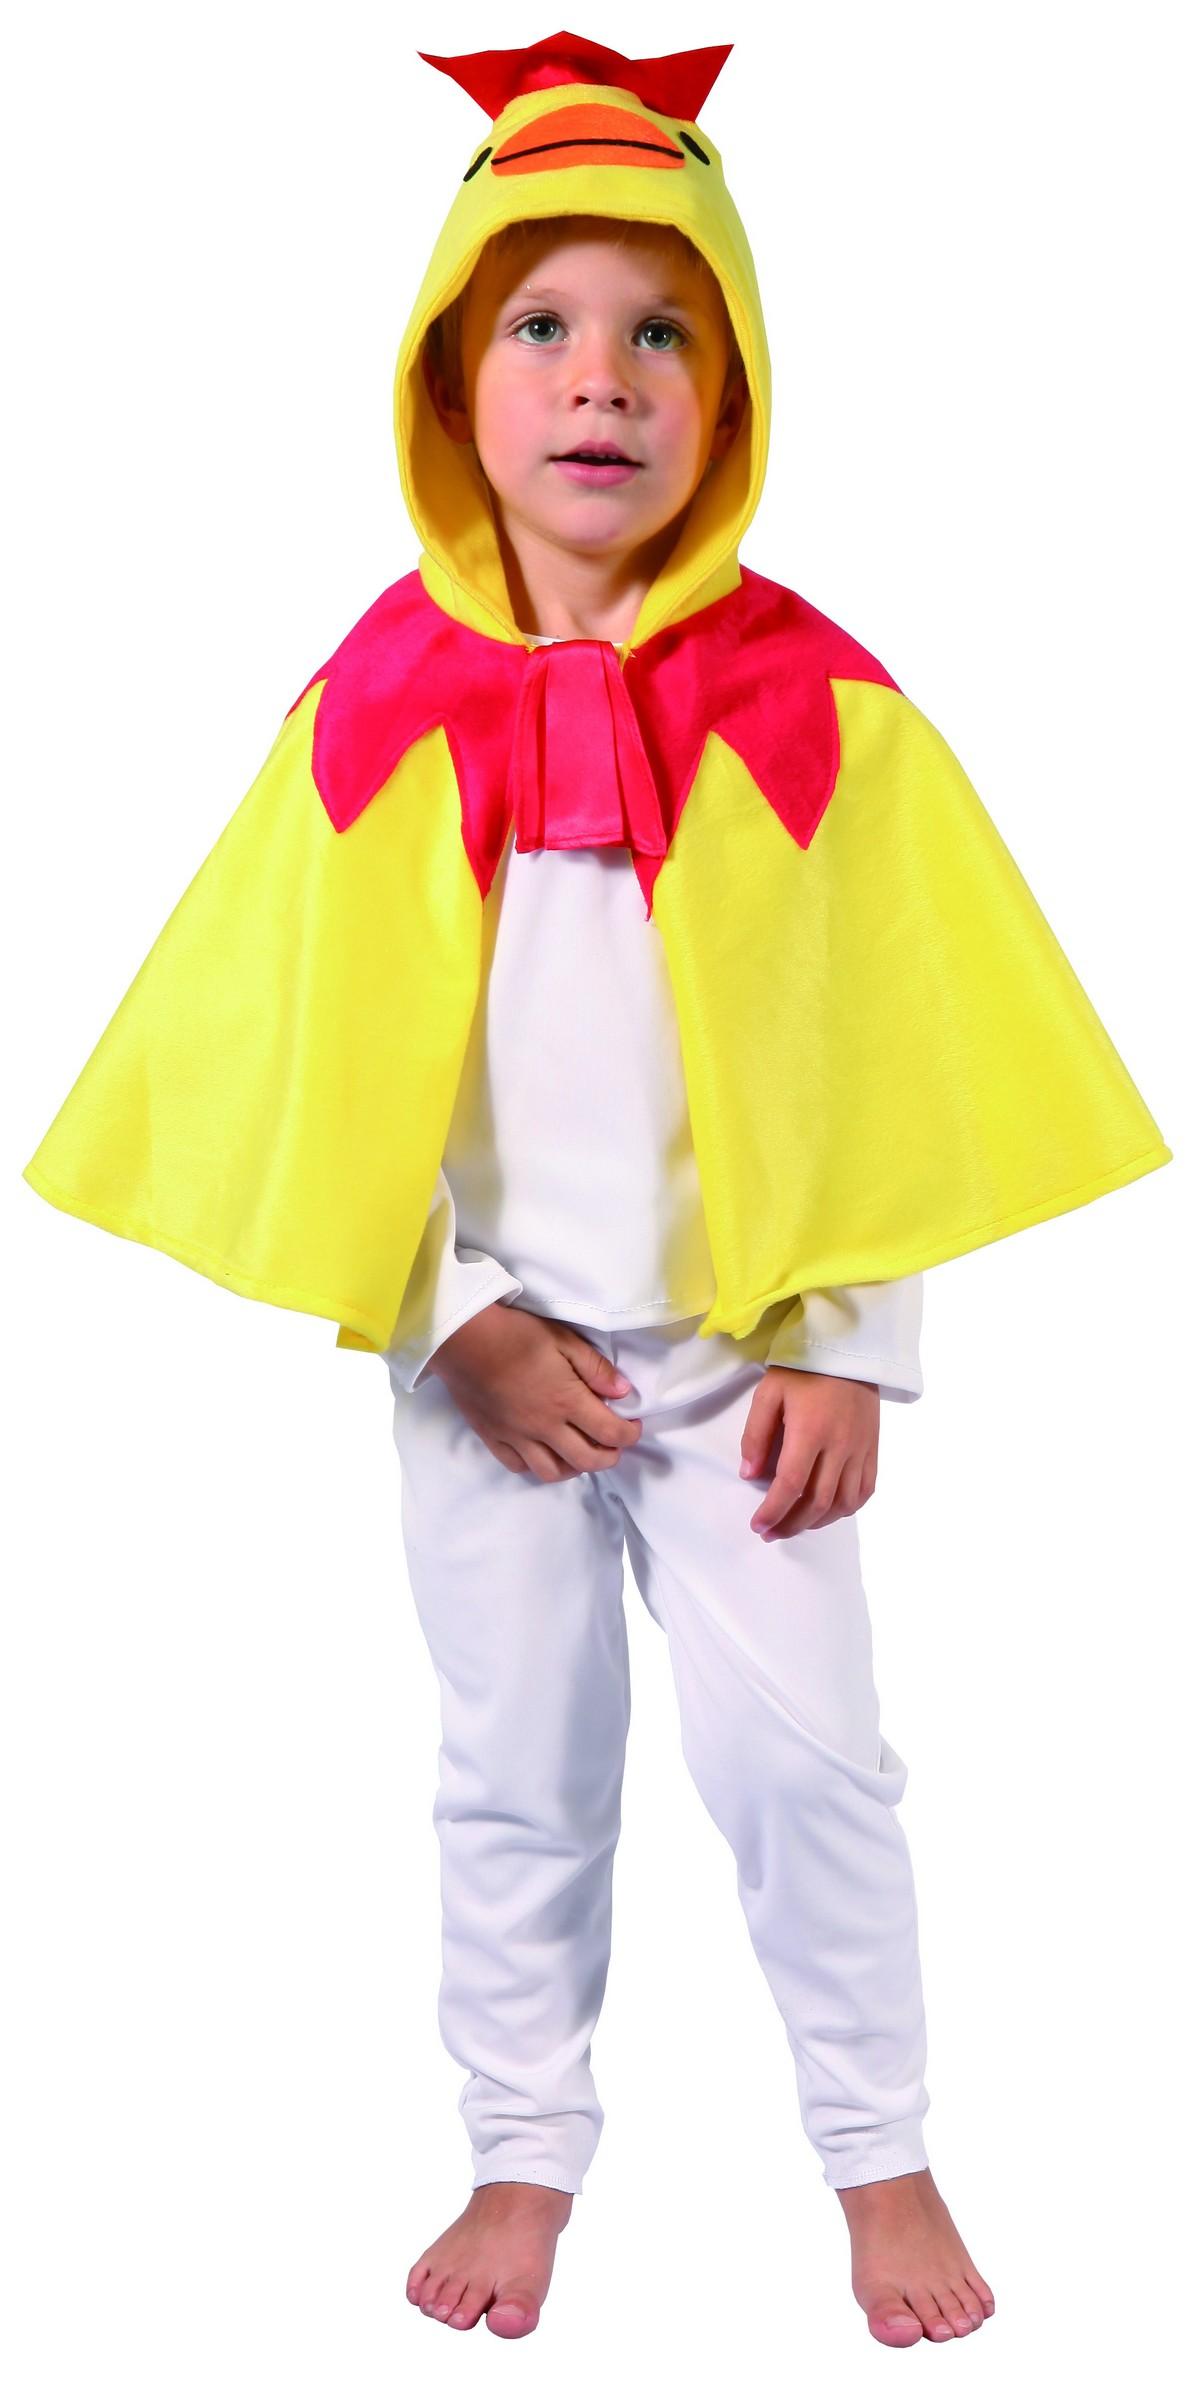 Huhn Umhang Kinder Kostum Gelb Bunt Gunstige Faschings Kostume Bei